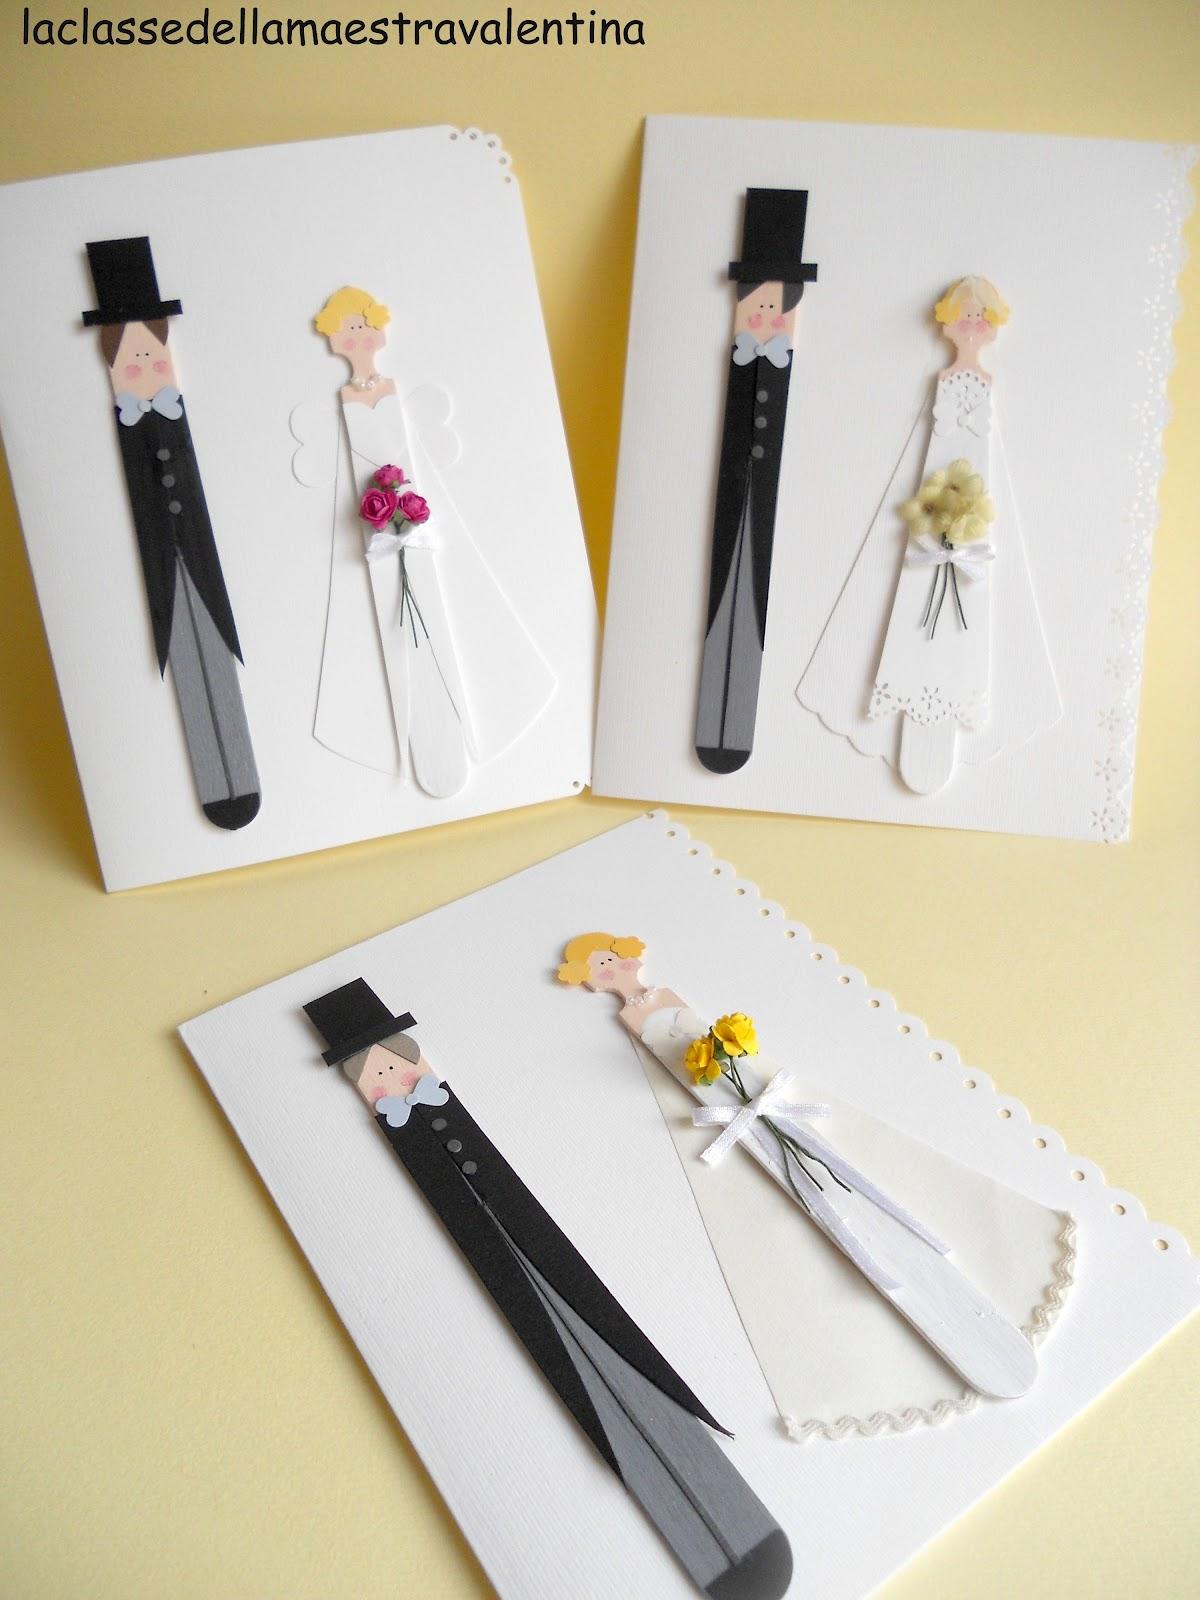 La classe della maestra valentina biglietti per matrimonio for La maestra valentina